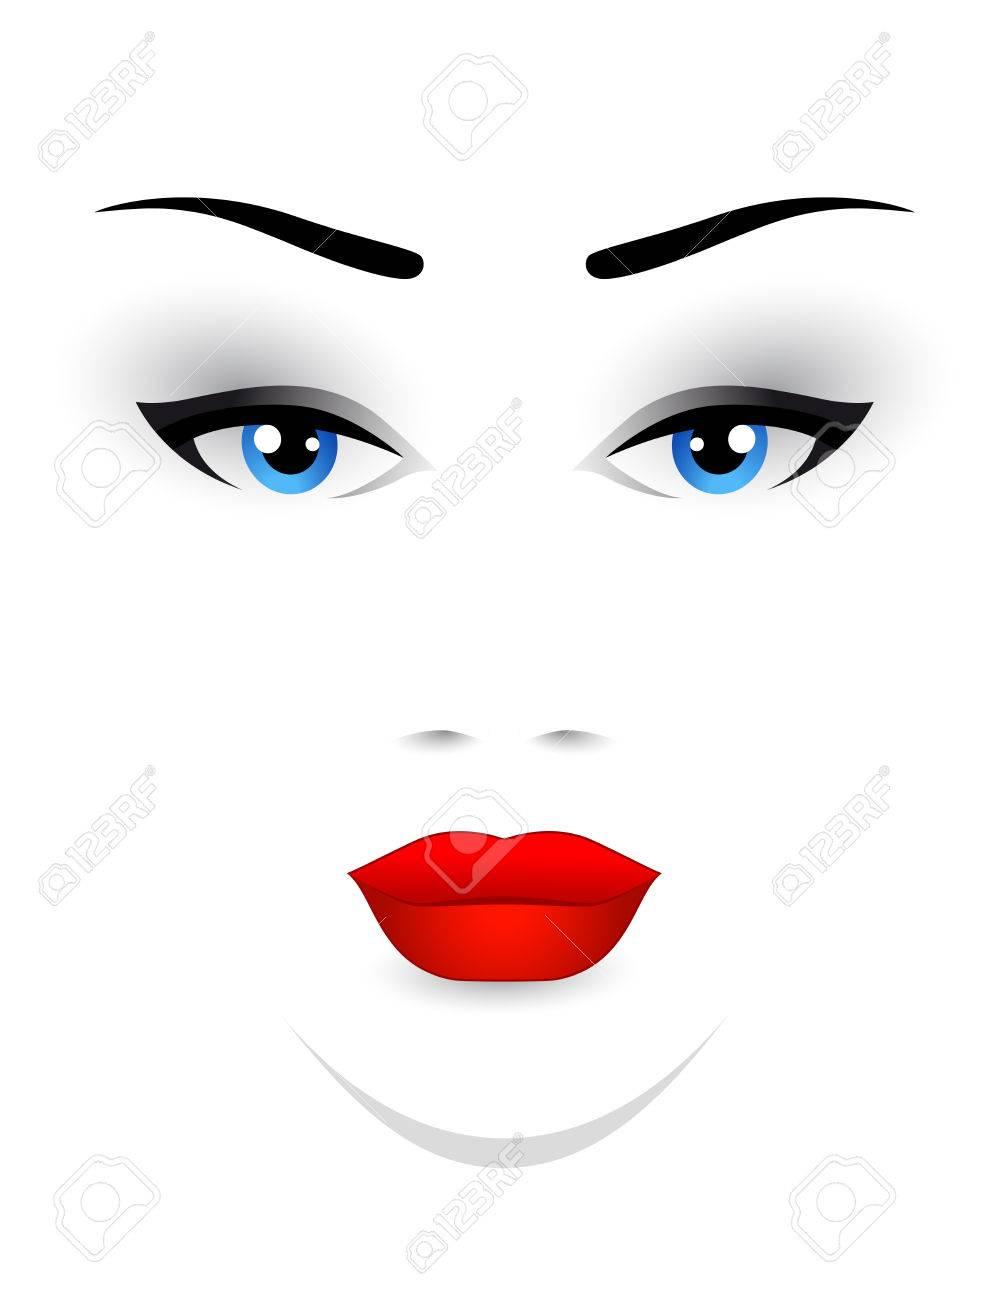 Visage de femme avec des lèvres rouges et les yeux bleus sur fond blanc